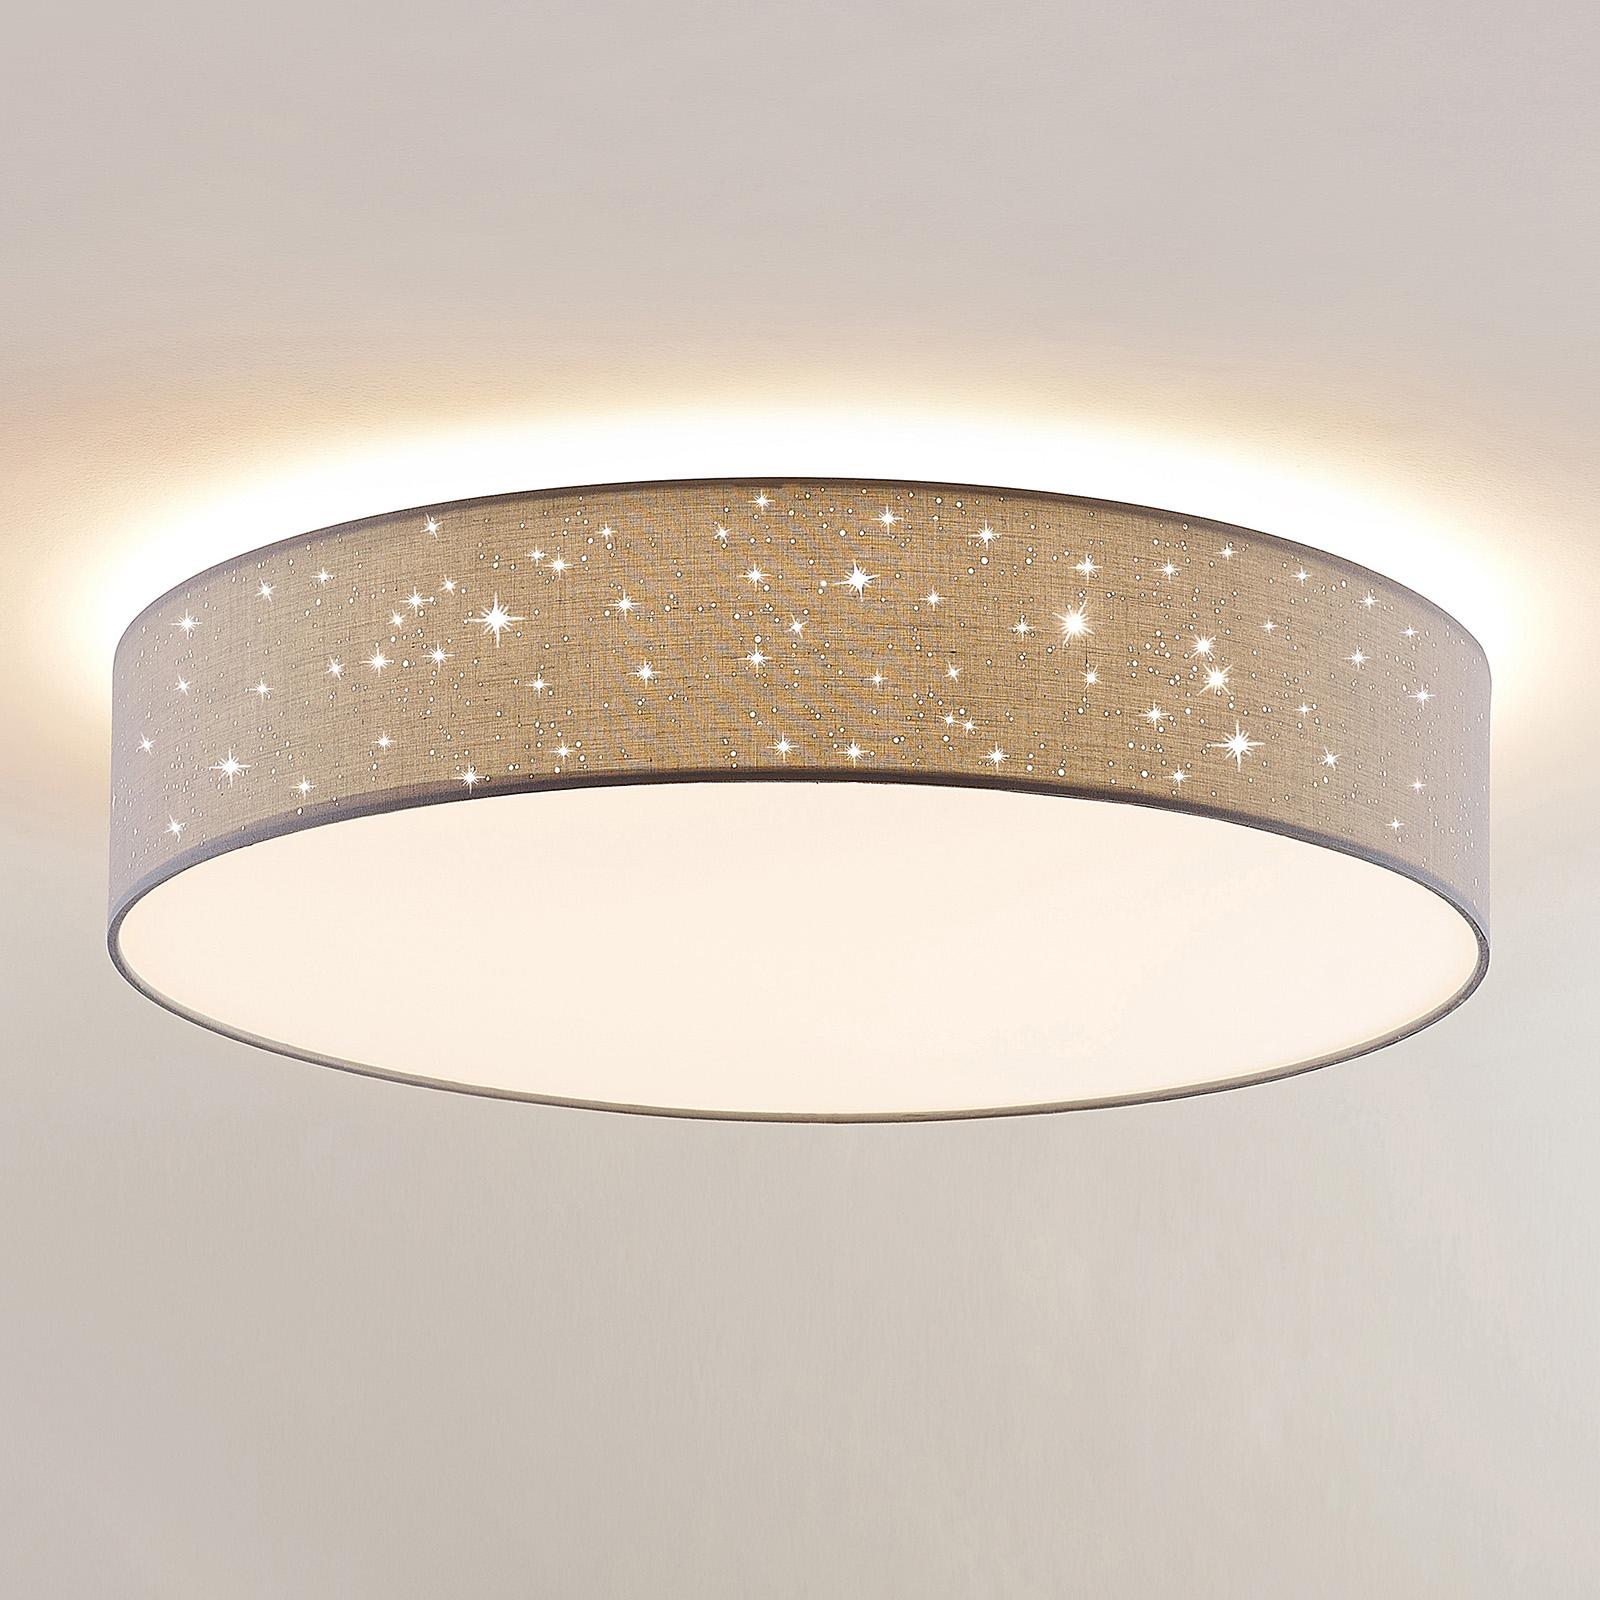 Lindby Ellamina lampa sufitowa LED 60cm jasnoszara